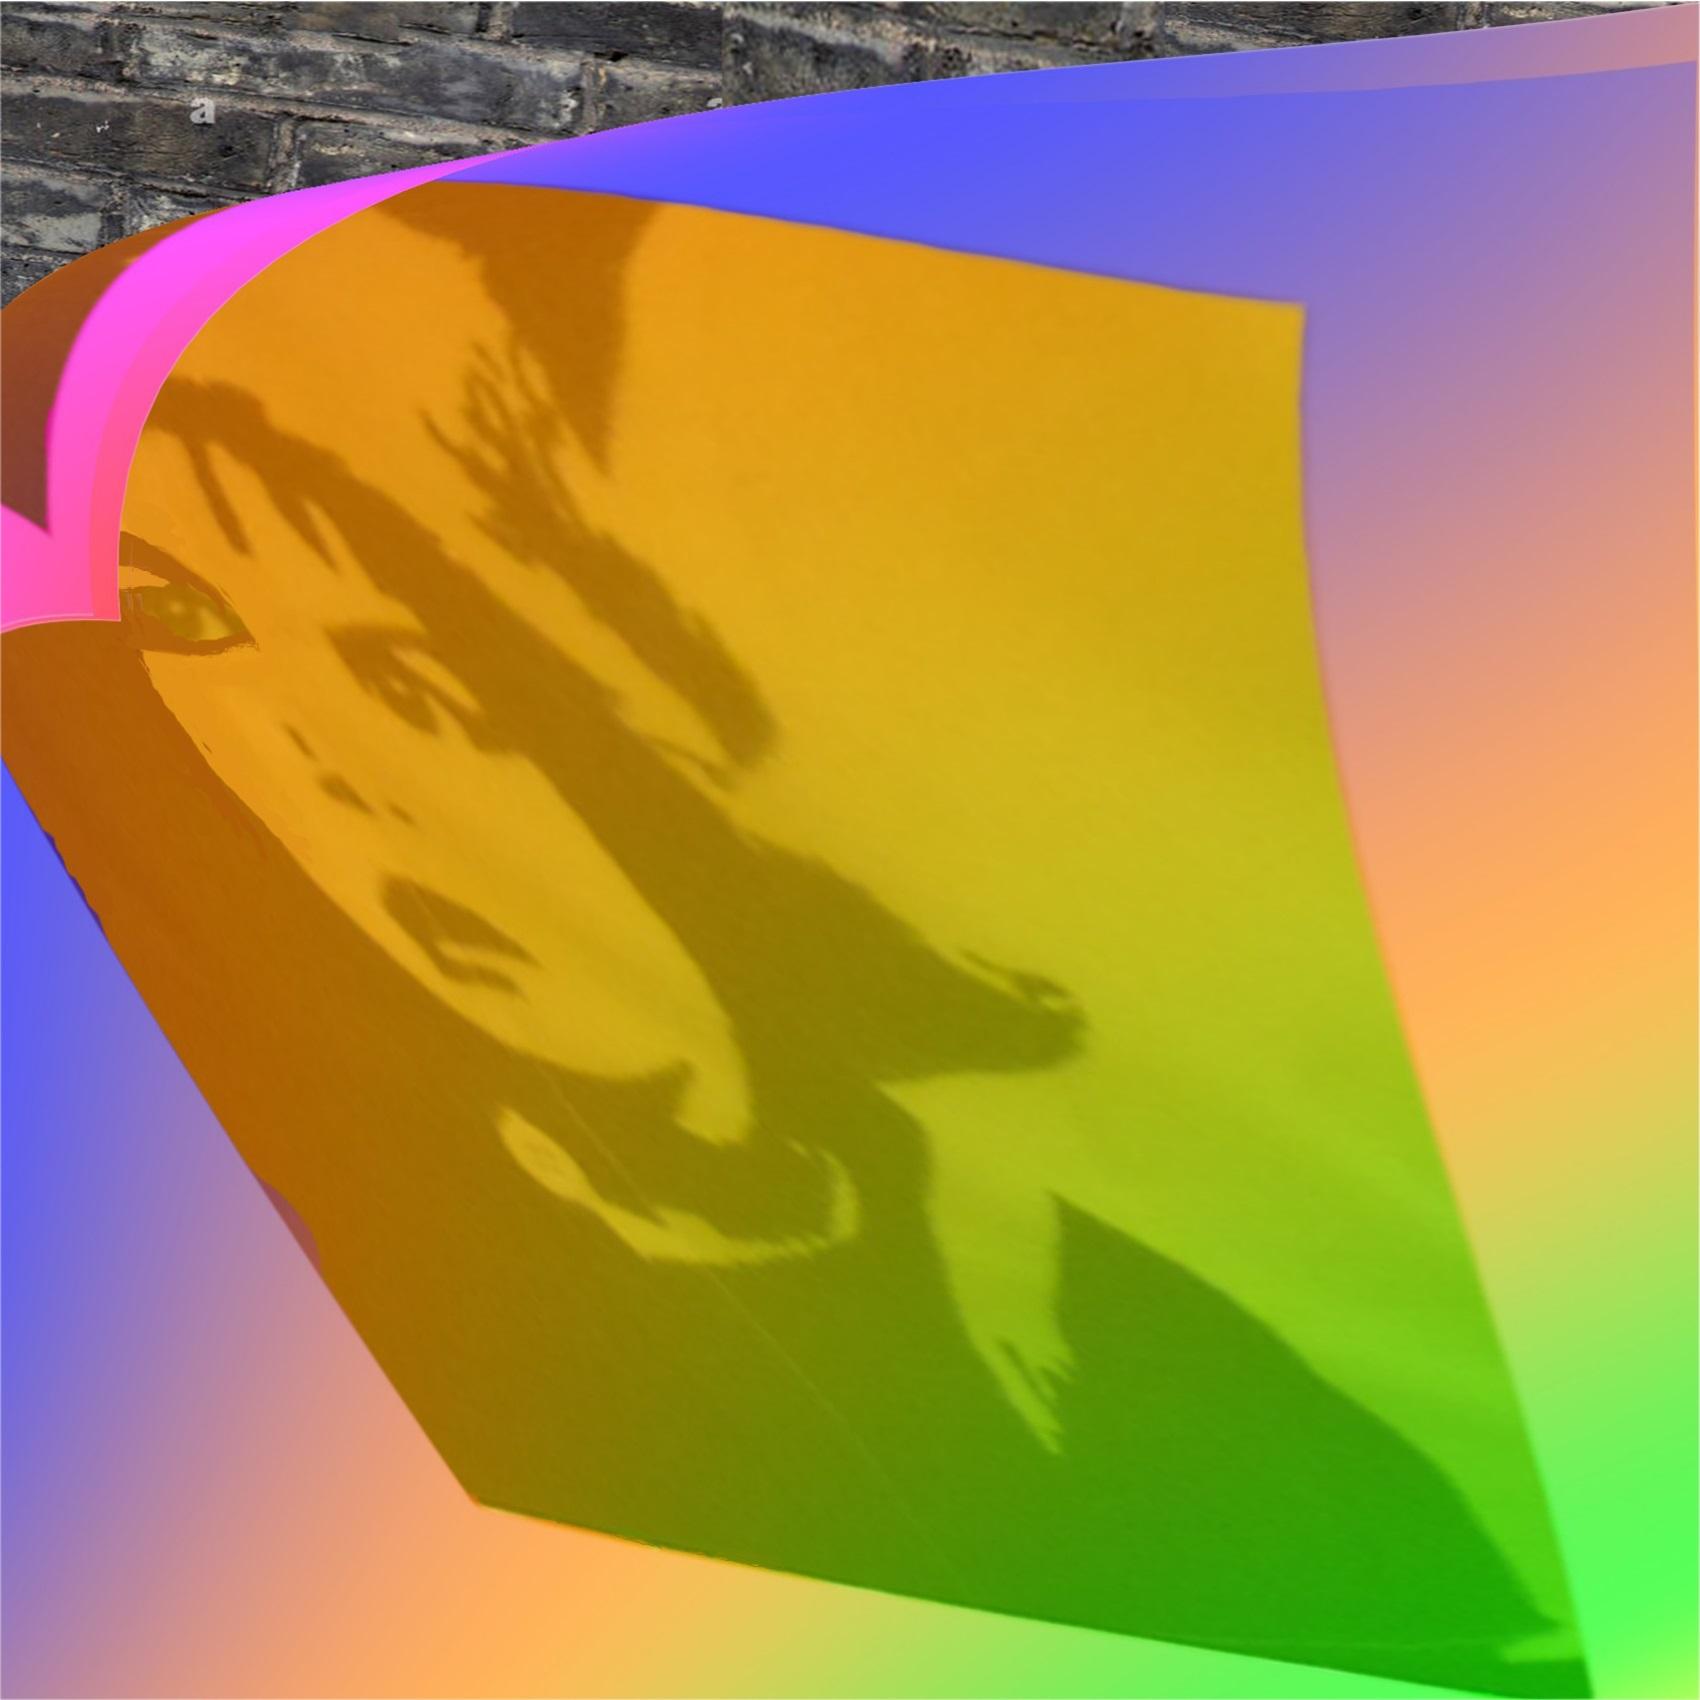 Chemise détail couleur mur enfant4.jpg